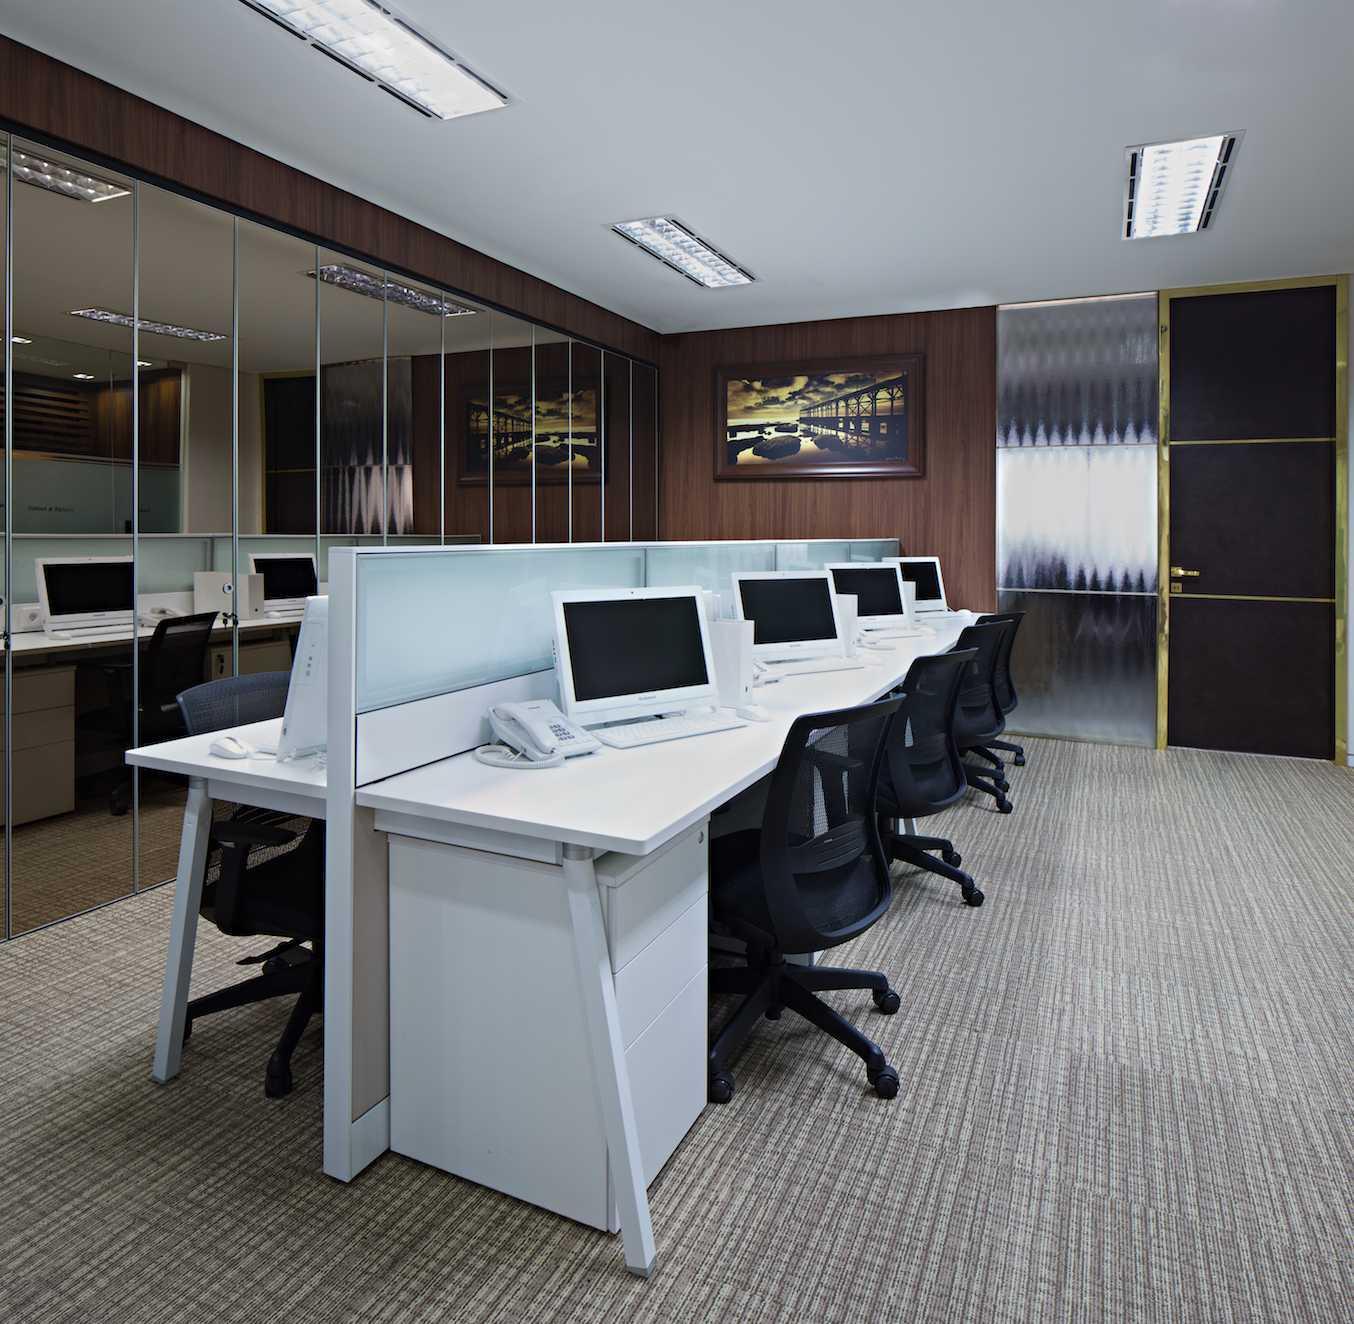 Pt Asa Adiguna Hanis & Hanis Advocate Sarinah Building Sarinah Building Working Area Klasik  24584